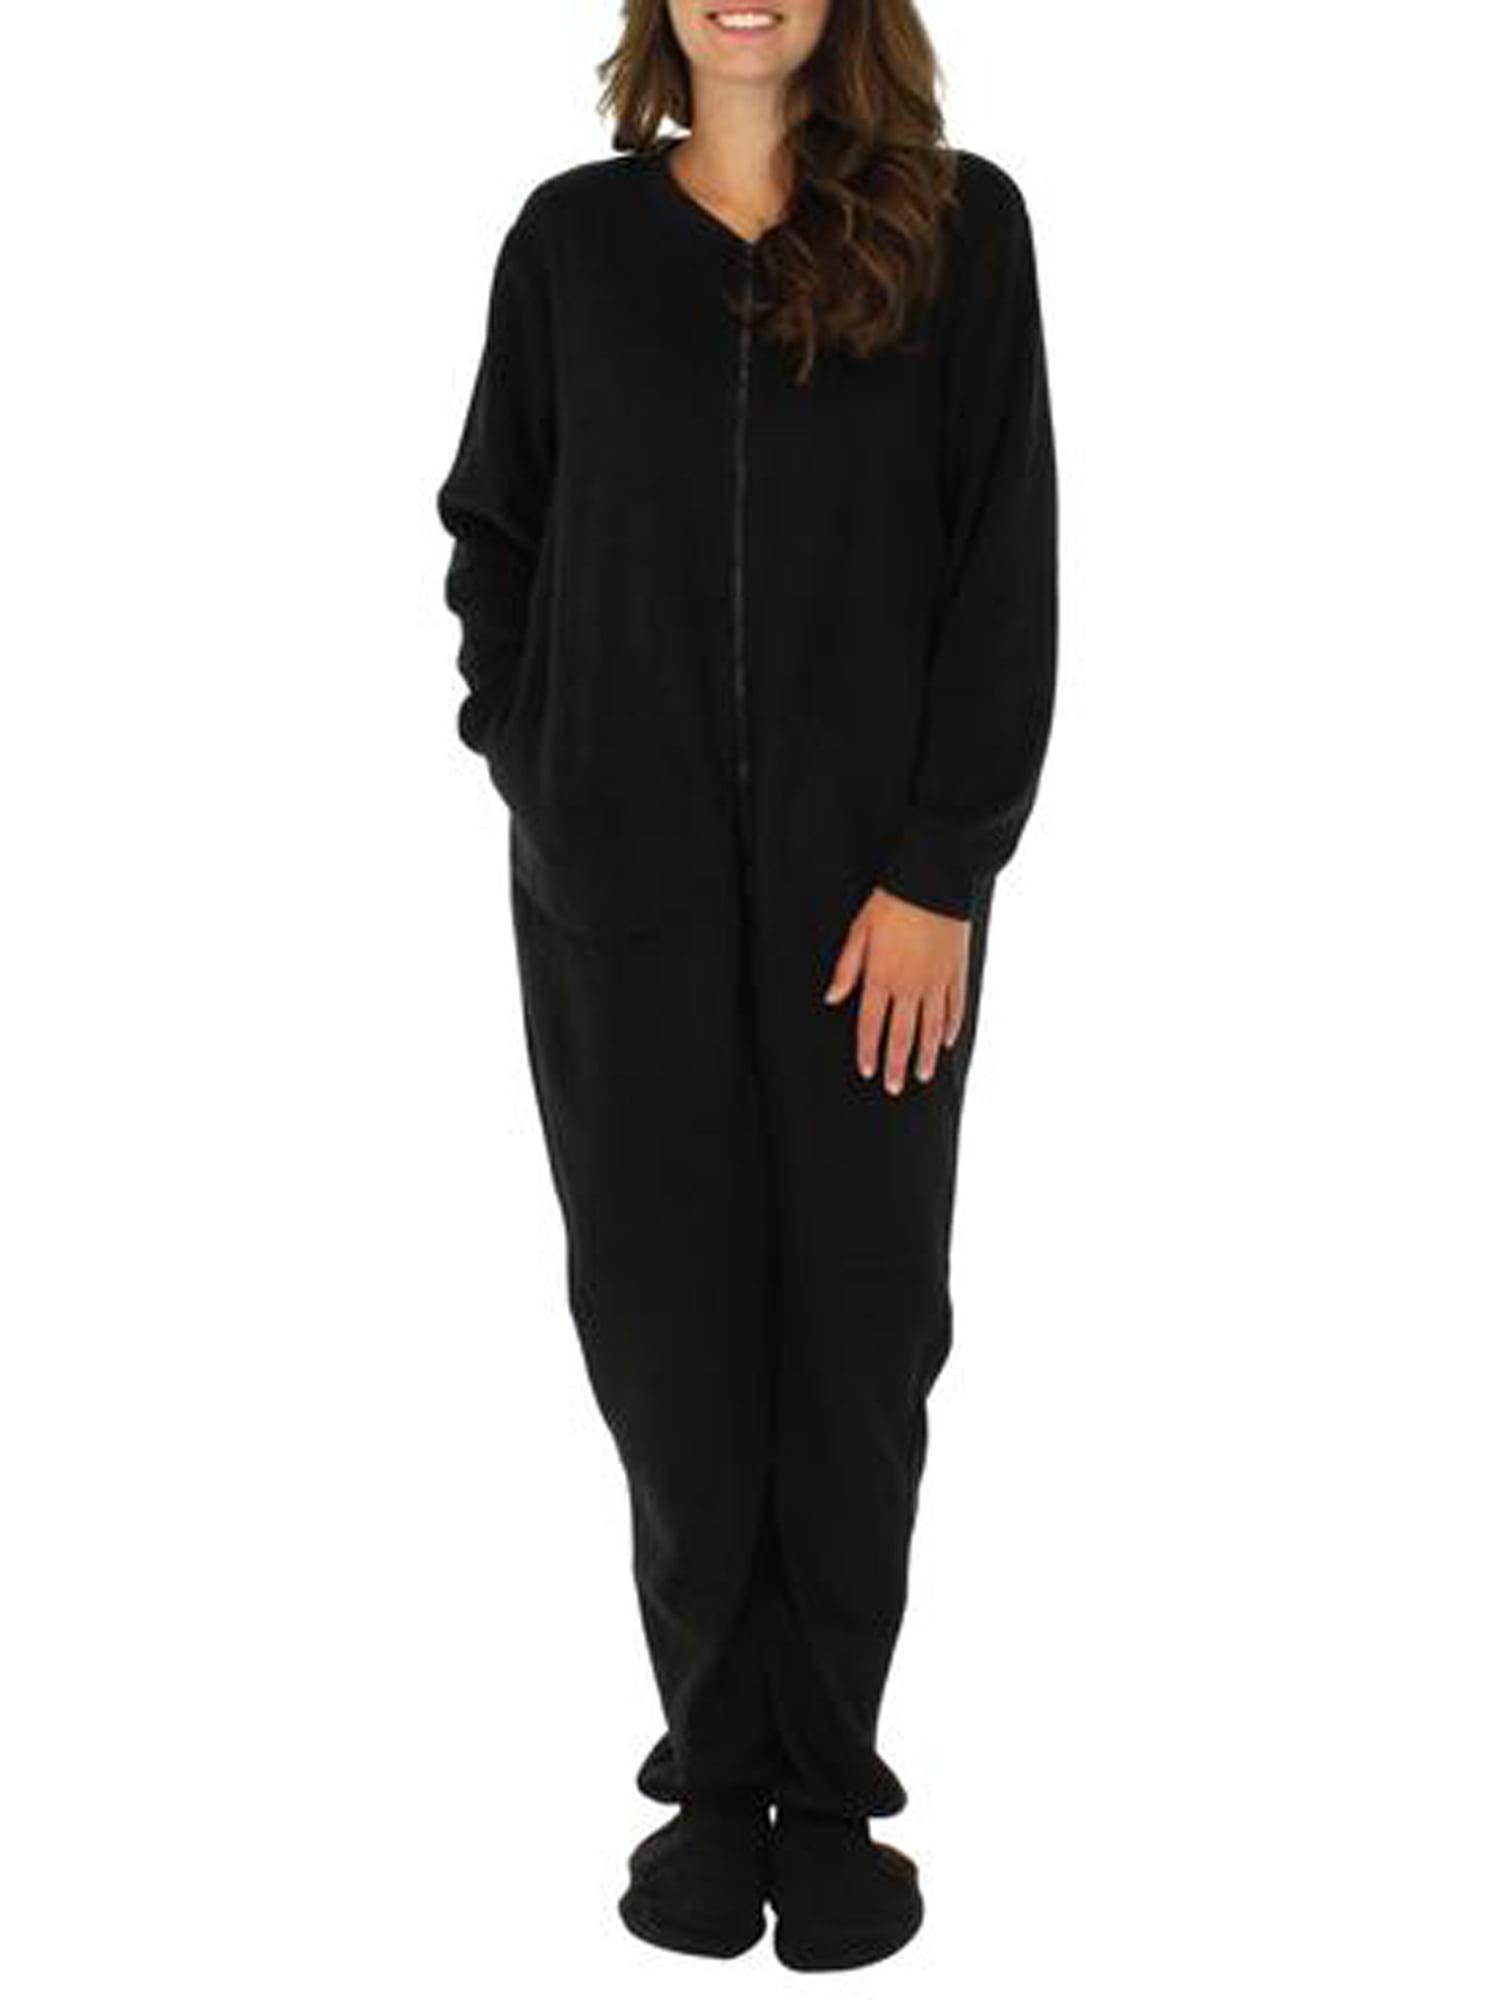 PajamaMania Women's Sleepwear Fleece Footed Onesie Pajamas ...